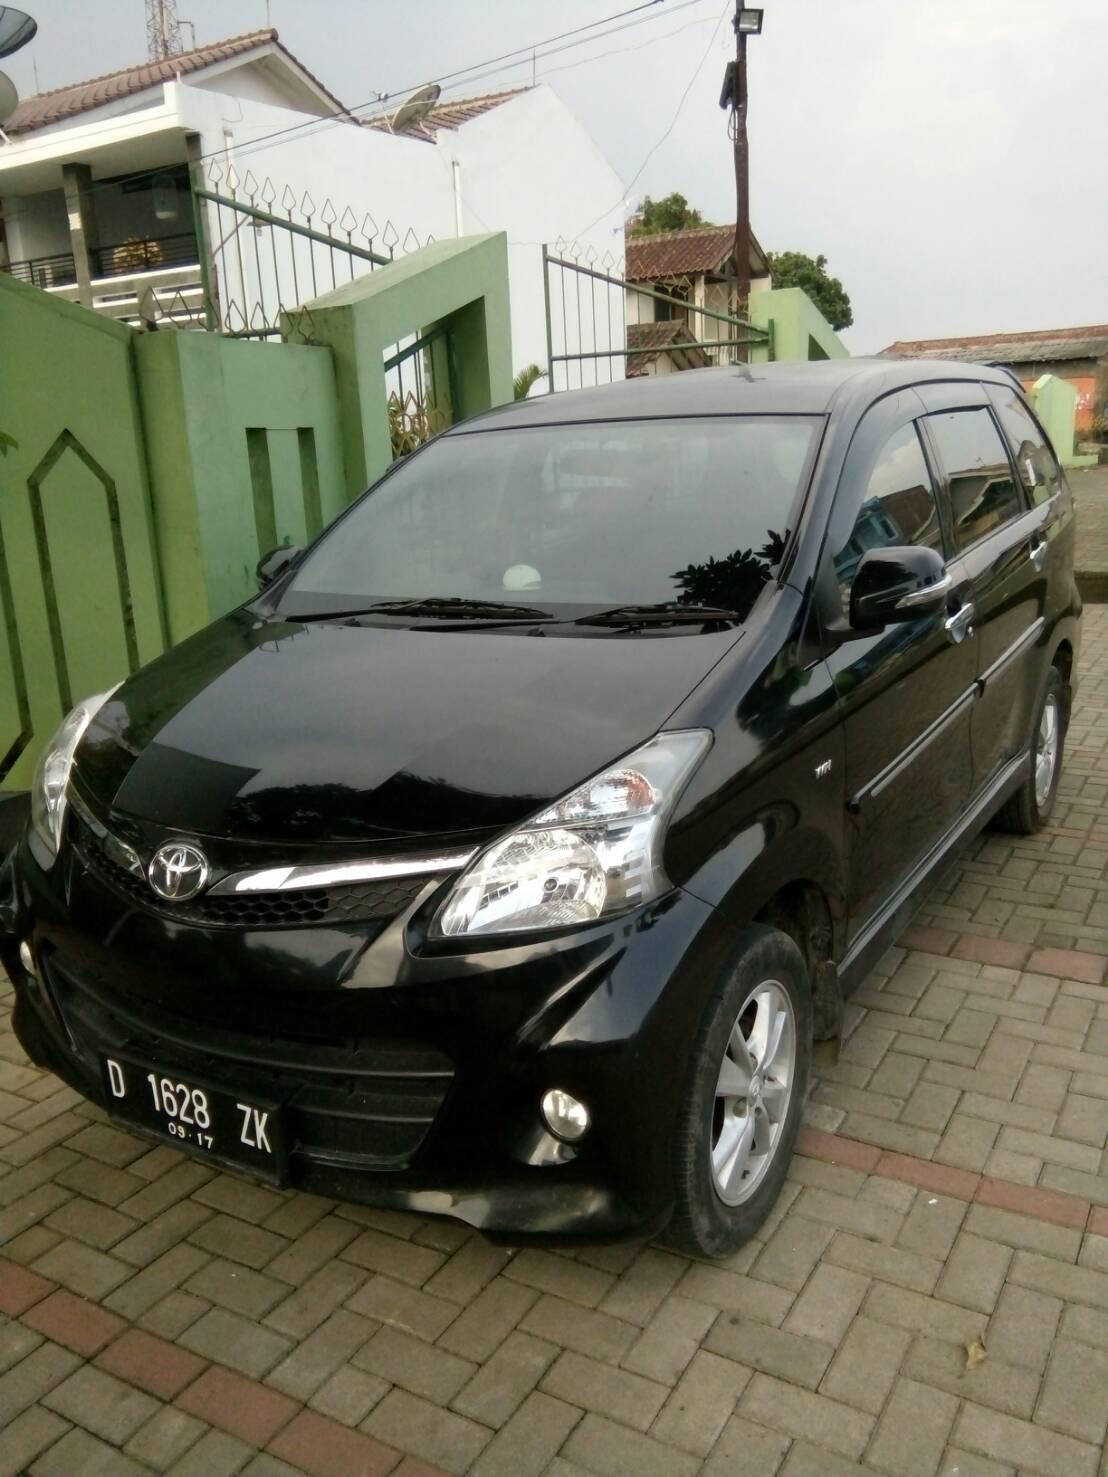 Cara Setting Alarm Grand New Avanza Harga Agya Trd 2017 Wts Jual Mobil Veloz 2012 M T Hitam Metalik